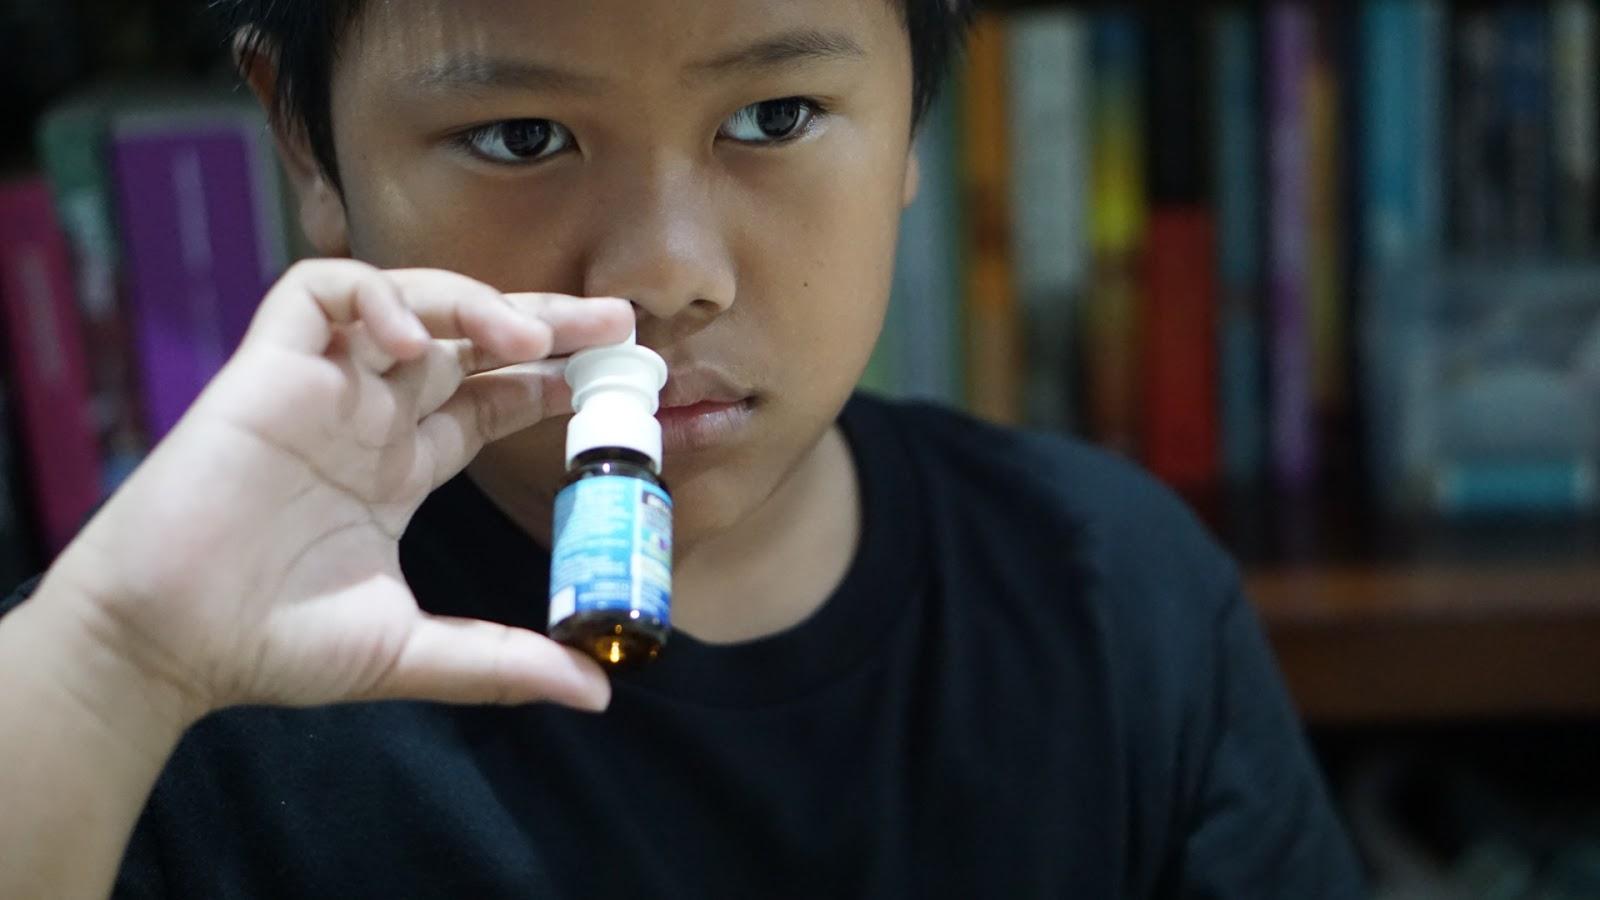 11 Fakta Penting, Mulai dari Personal Hygiene, Commond Cold, Flu, Hingga Virus Corona